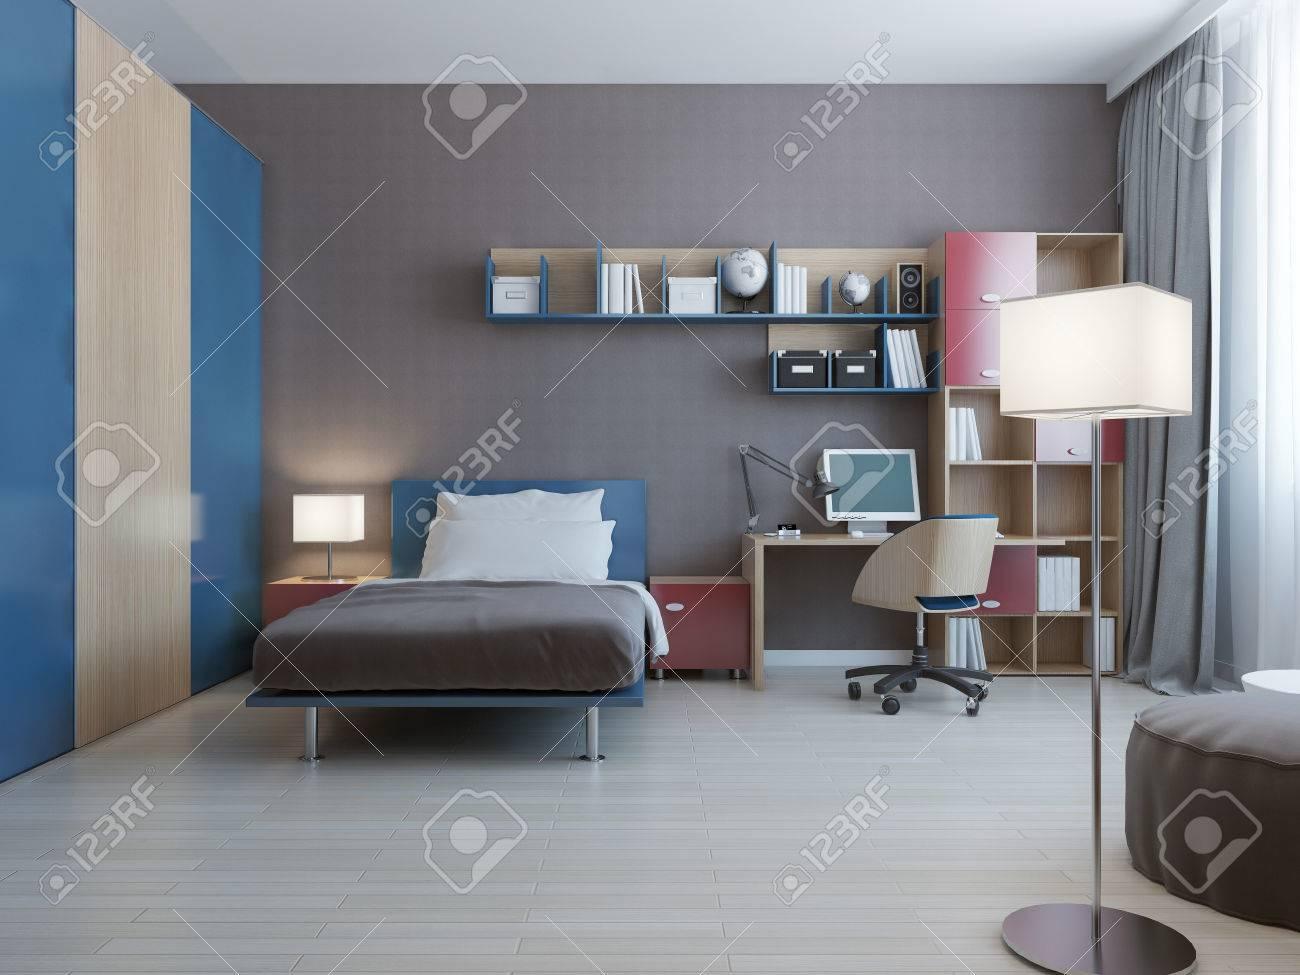 Table avec système de mur dans la chambre moderne. système de mur aux  couleurs bleu et rouge, lit habillé avec des oreillers et grand placard  avec ...